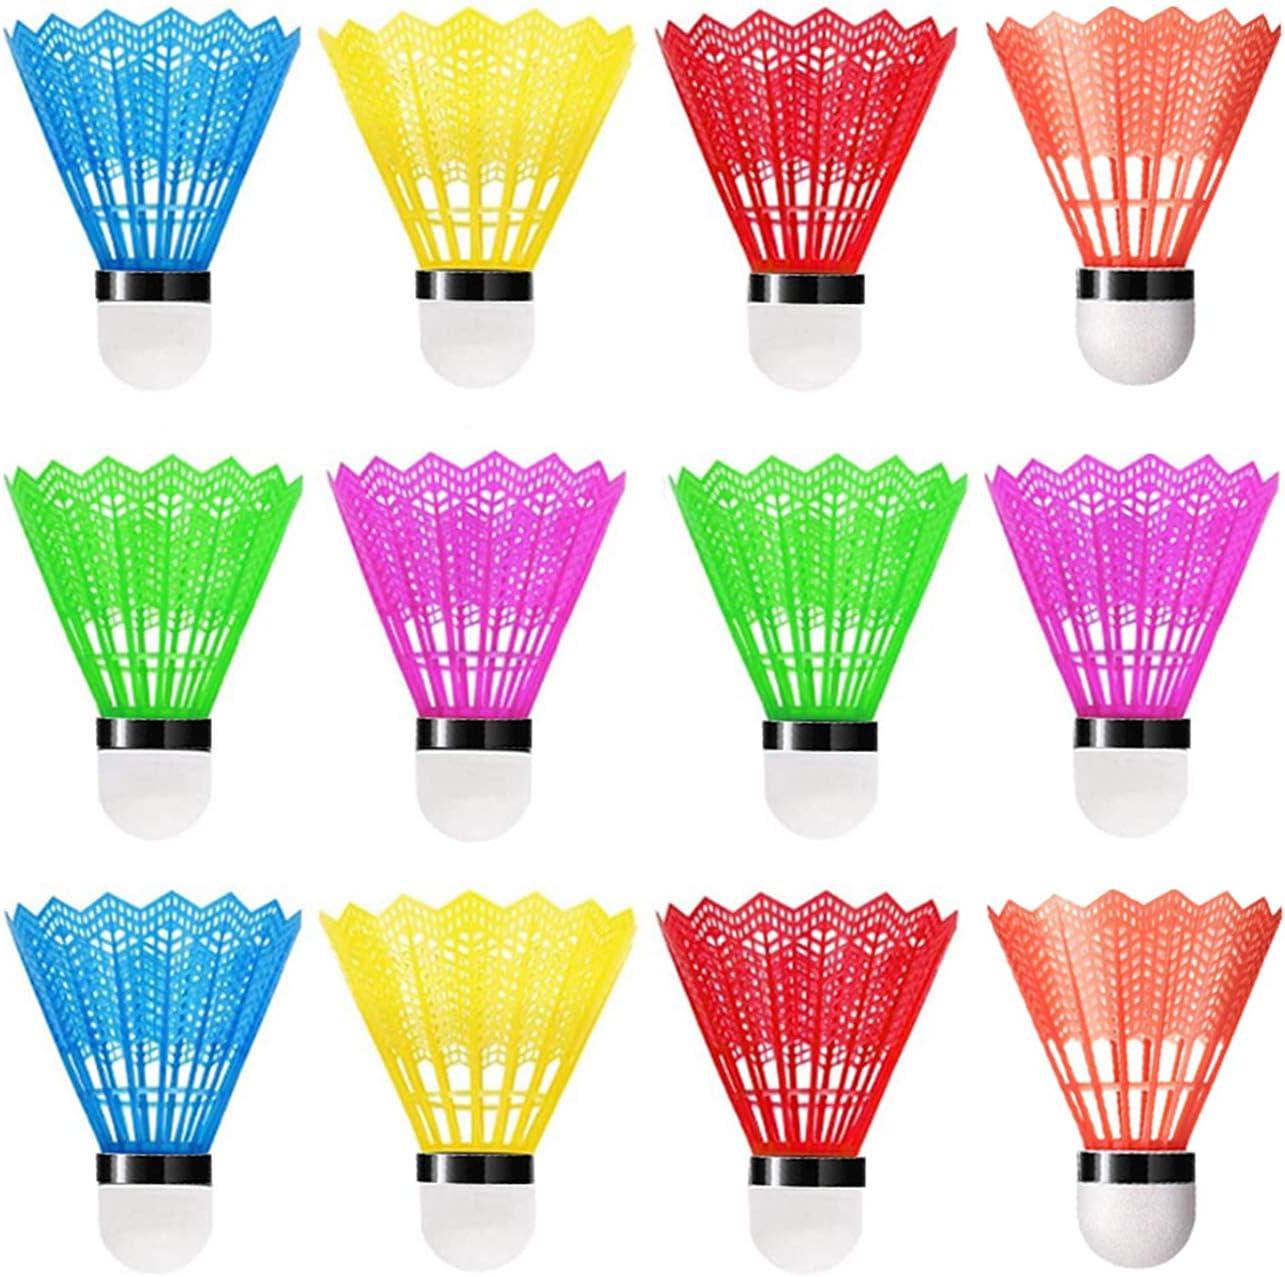 WELLXUNK® Volantes de Bádminton, bádminton led, bádminton de plástico 12 Pack, bádminton Pluma, Volante Pluma Badminton, con Gran Estabilidad y Durabilidad